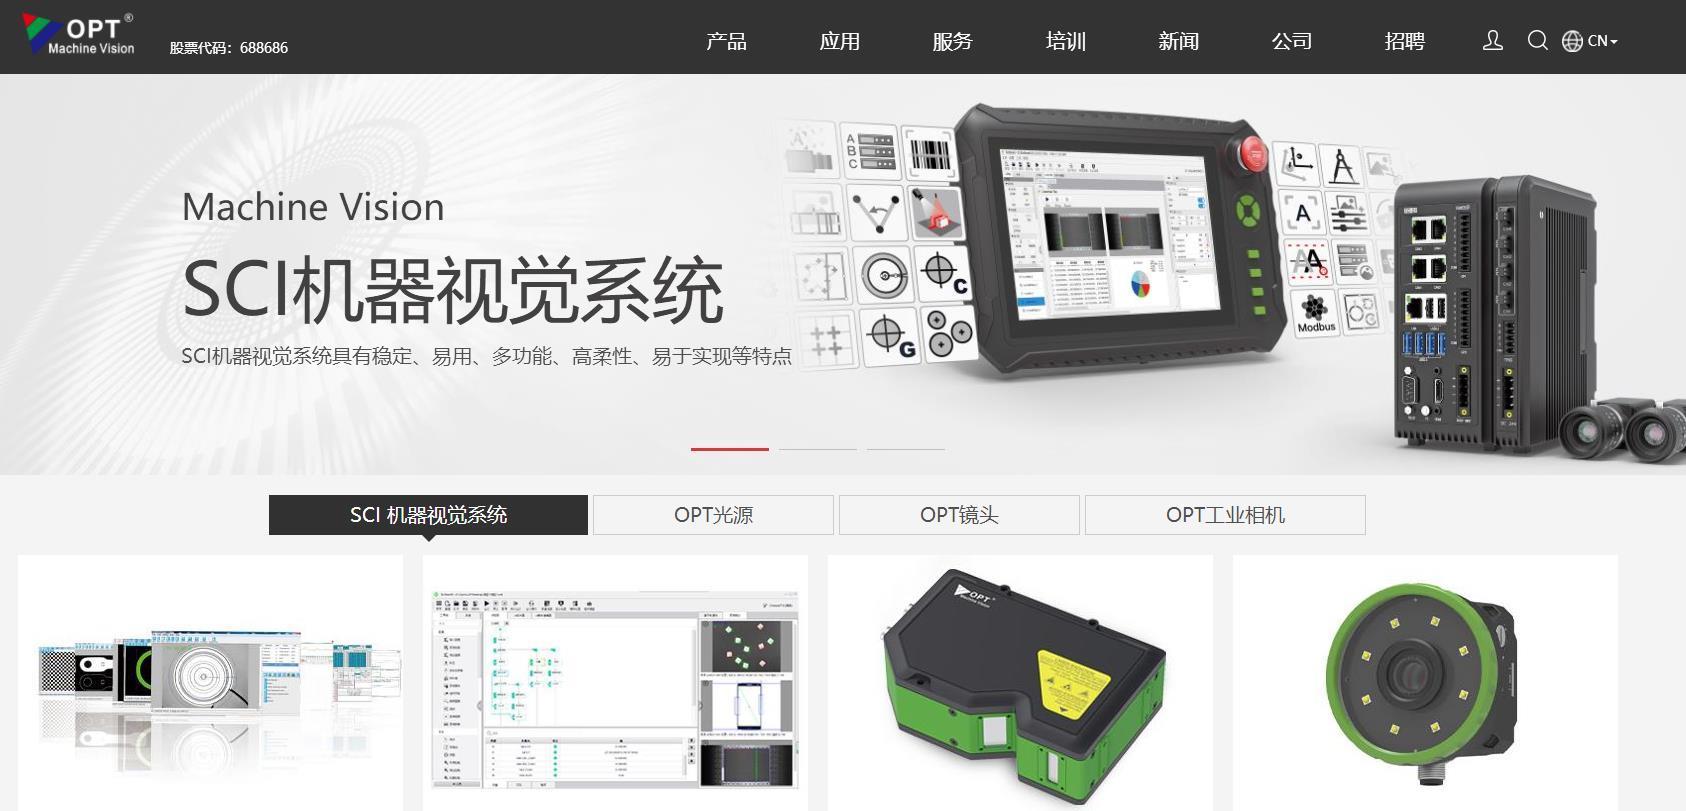 奥普特机器视觉全球研发中心项目总投资 50680.0万元